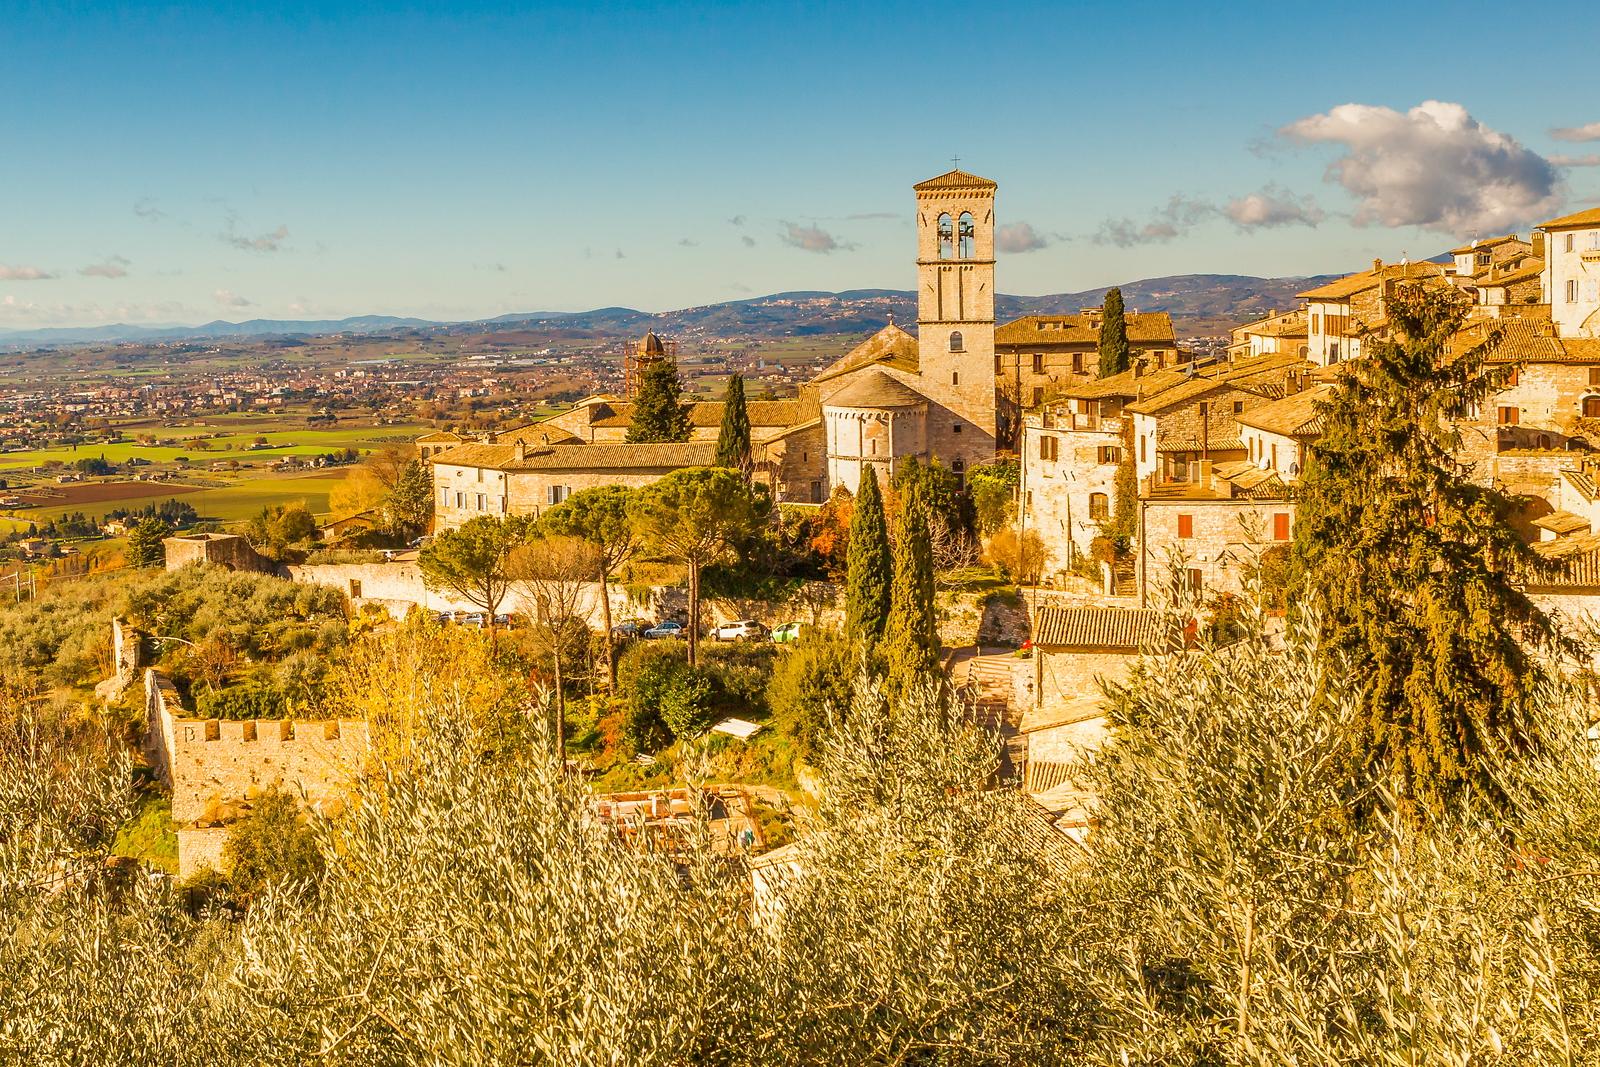 意大利阿西西(Assisi), 登高放眼